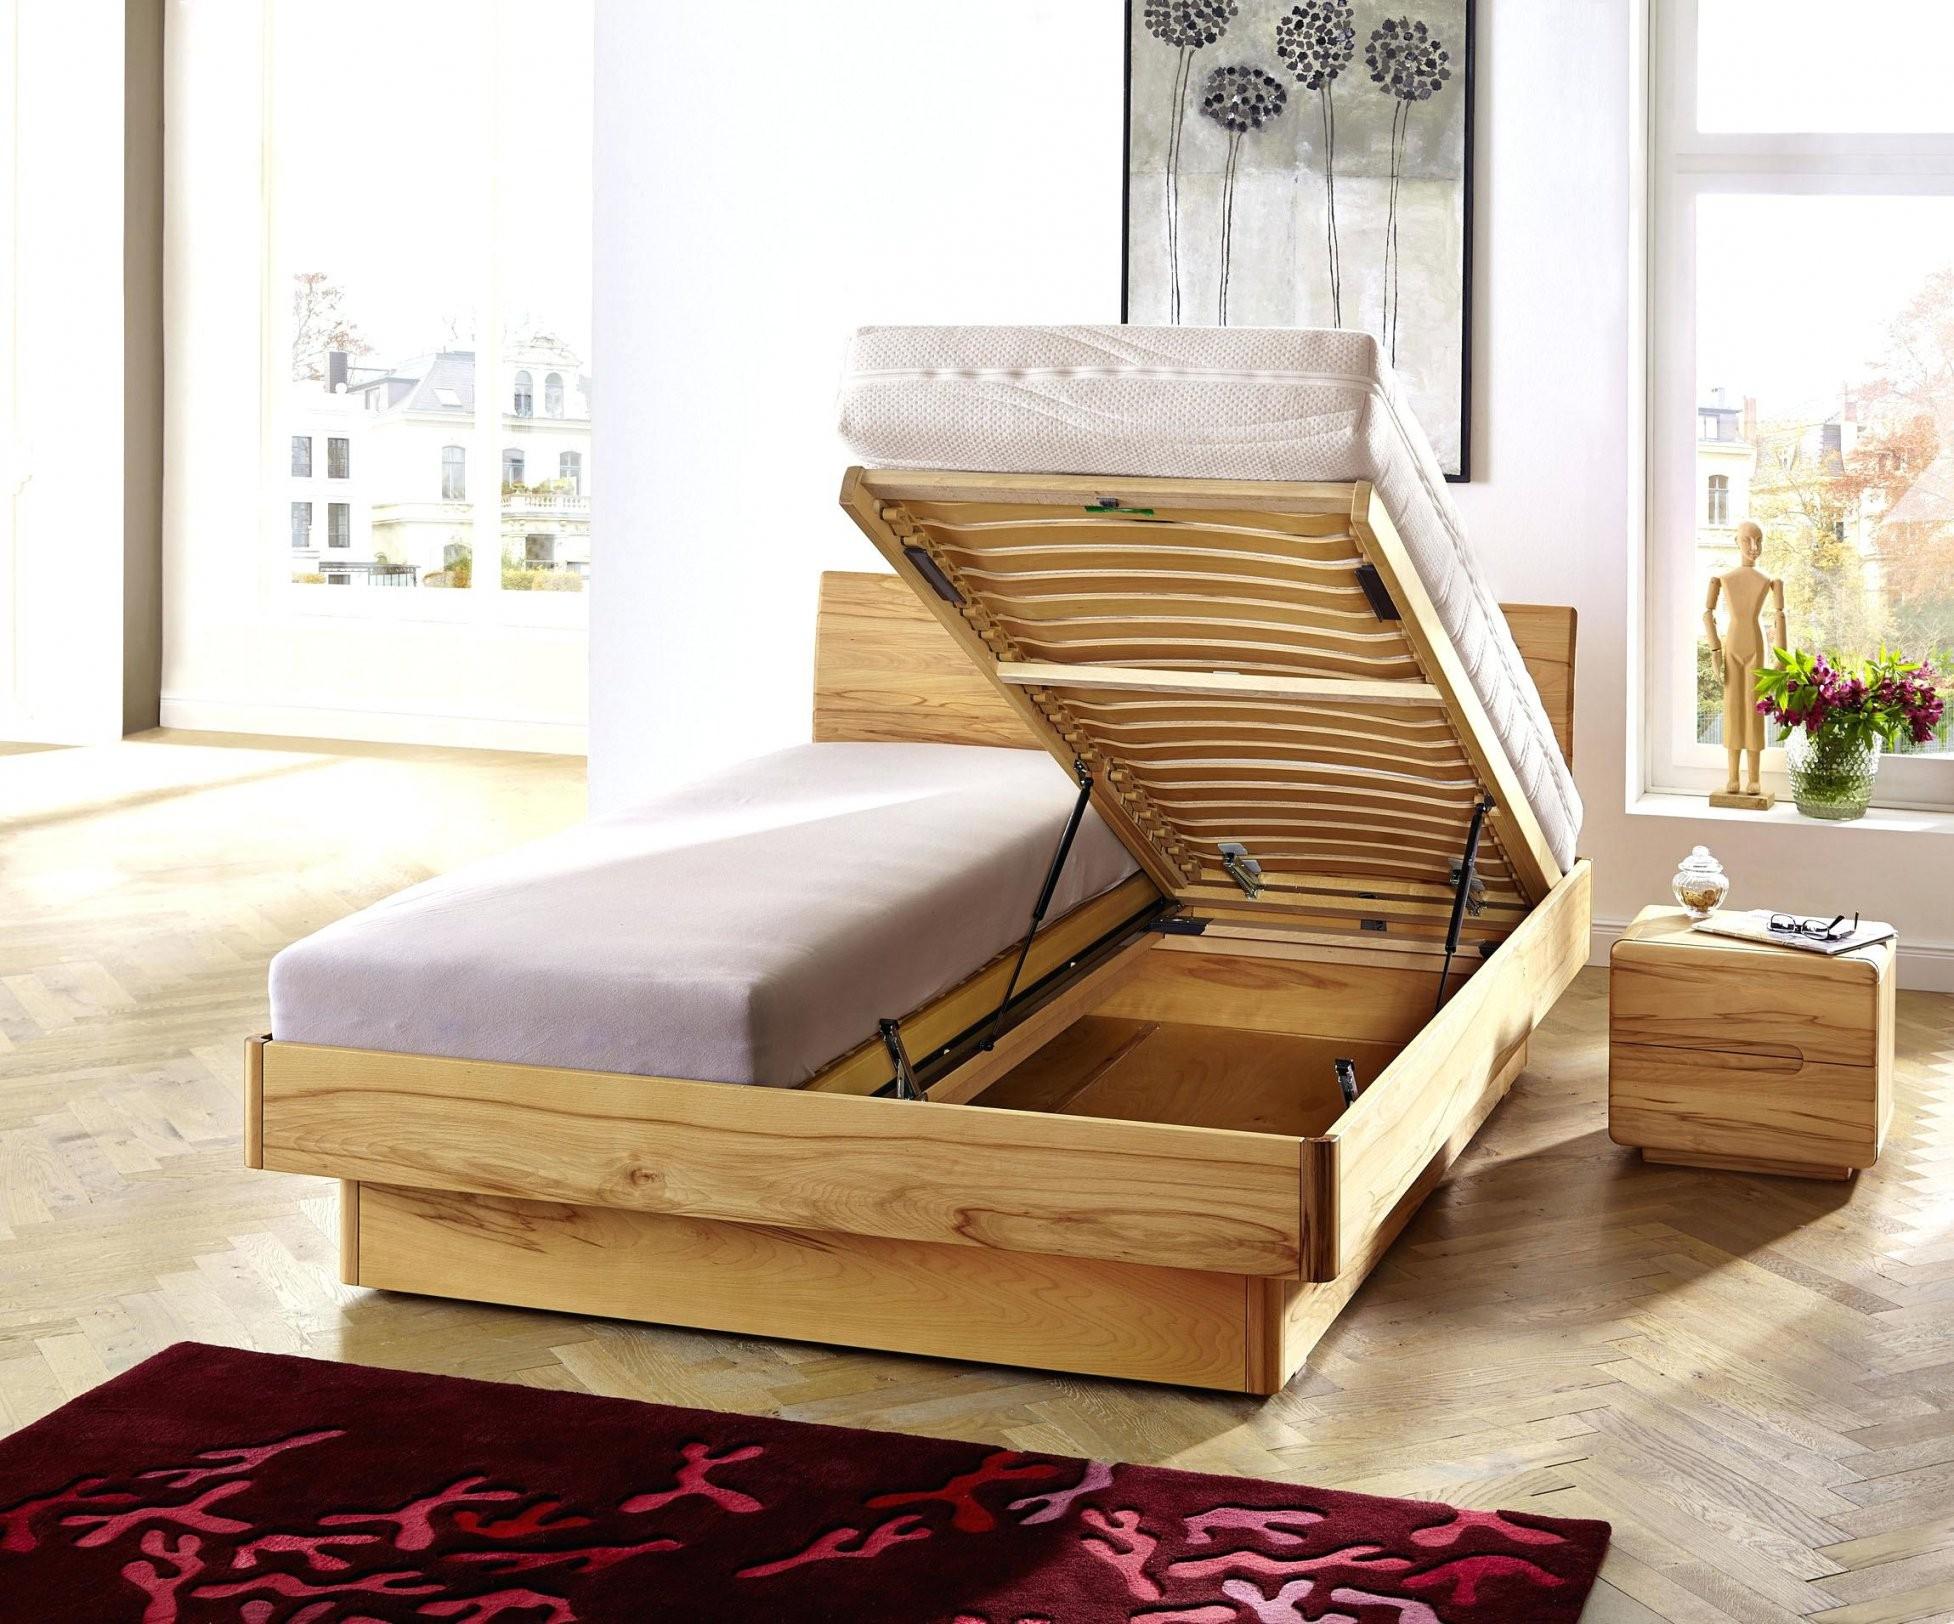 Futonbett Mit Bettkasten Bett 140×200 Schwarz 180×200 Selber Bauen von Echtholz Bett Mit Bettkasten Photo